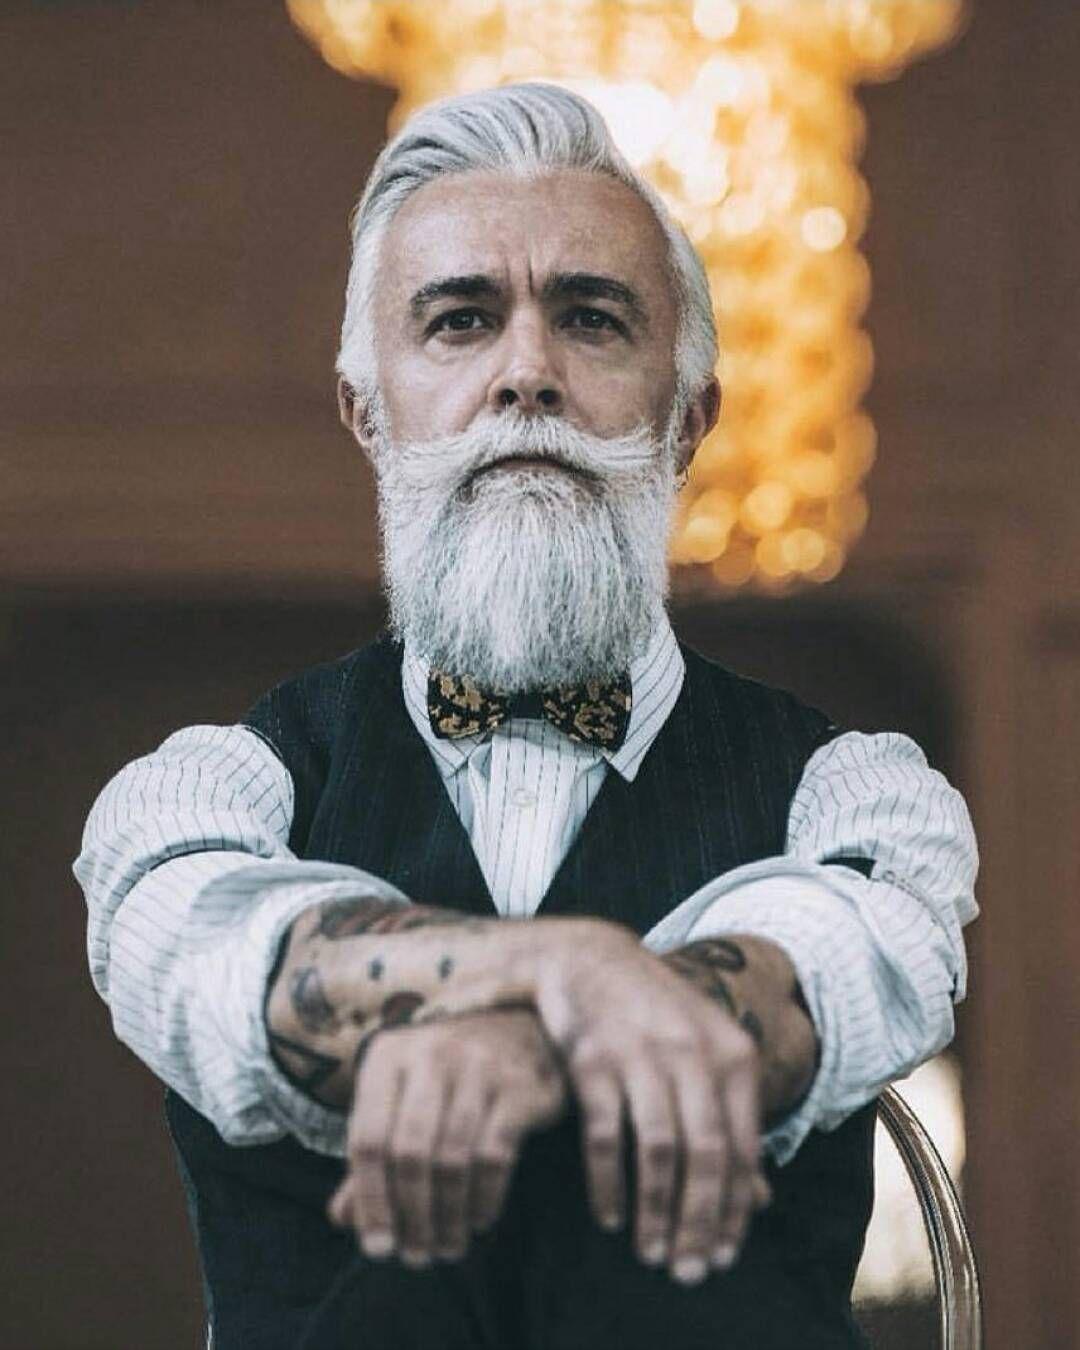 Alessandro manfredini federicofaloci beardbad beards pinterest barbes mode homme et - Barbe hipster chic ...